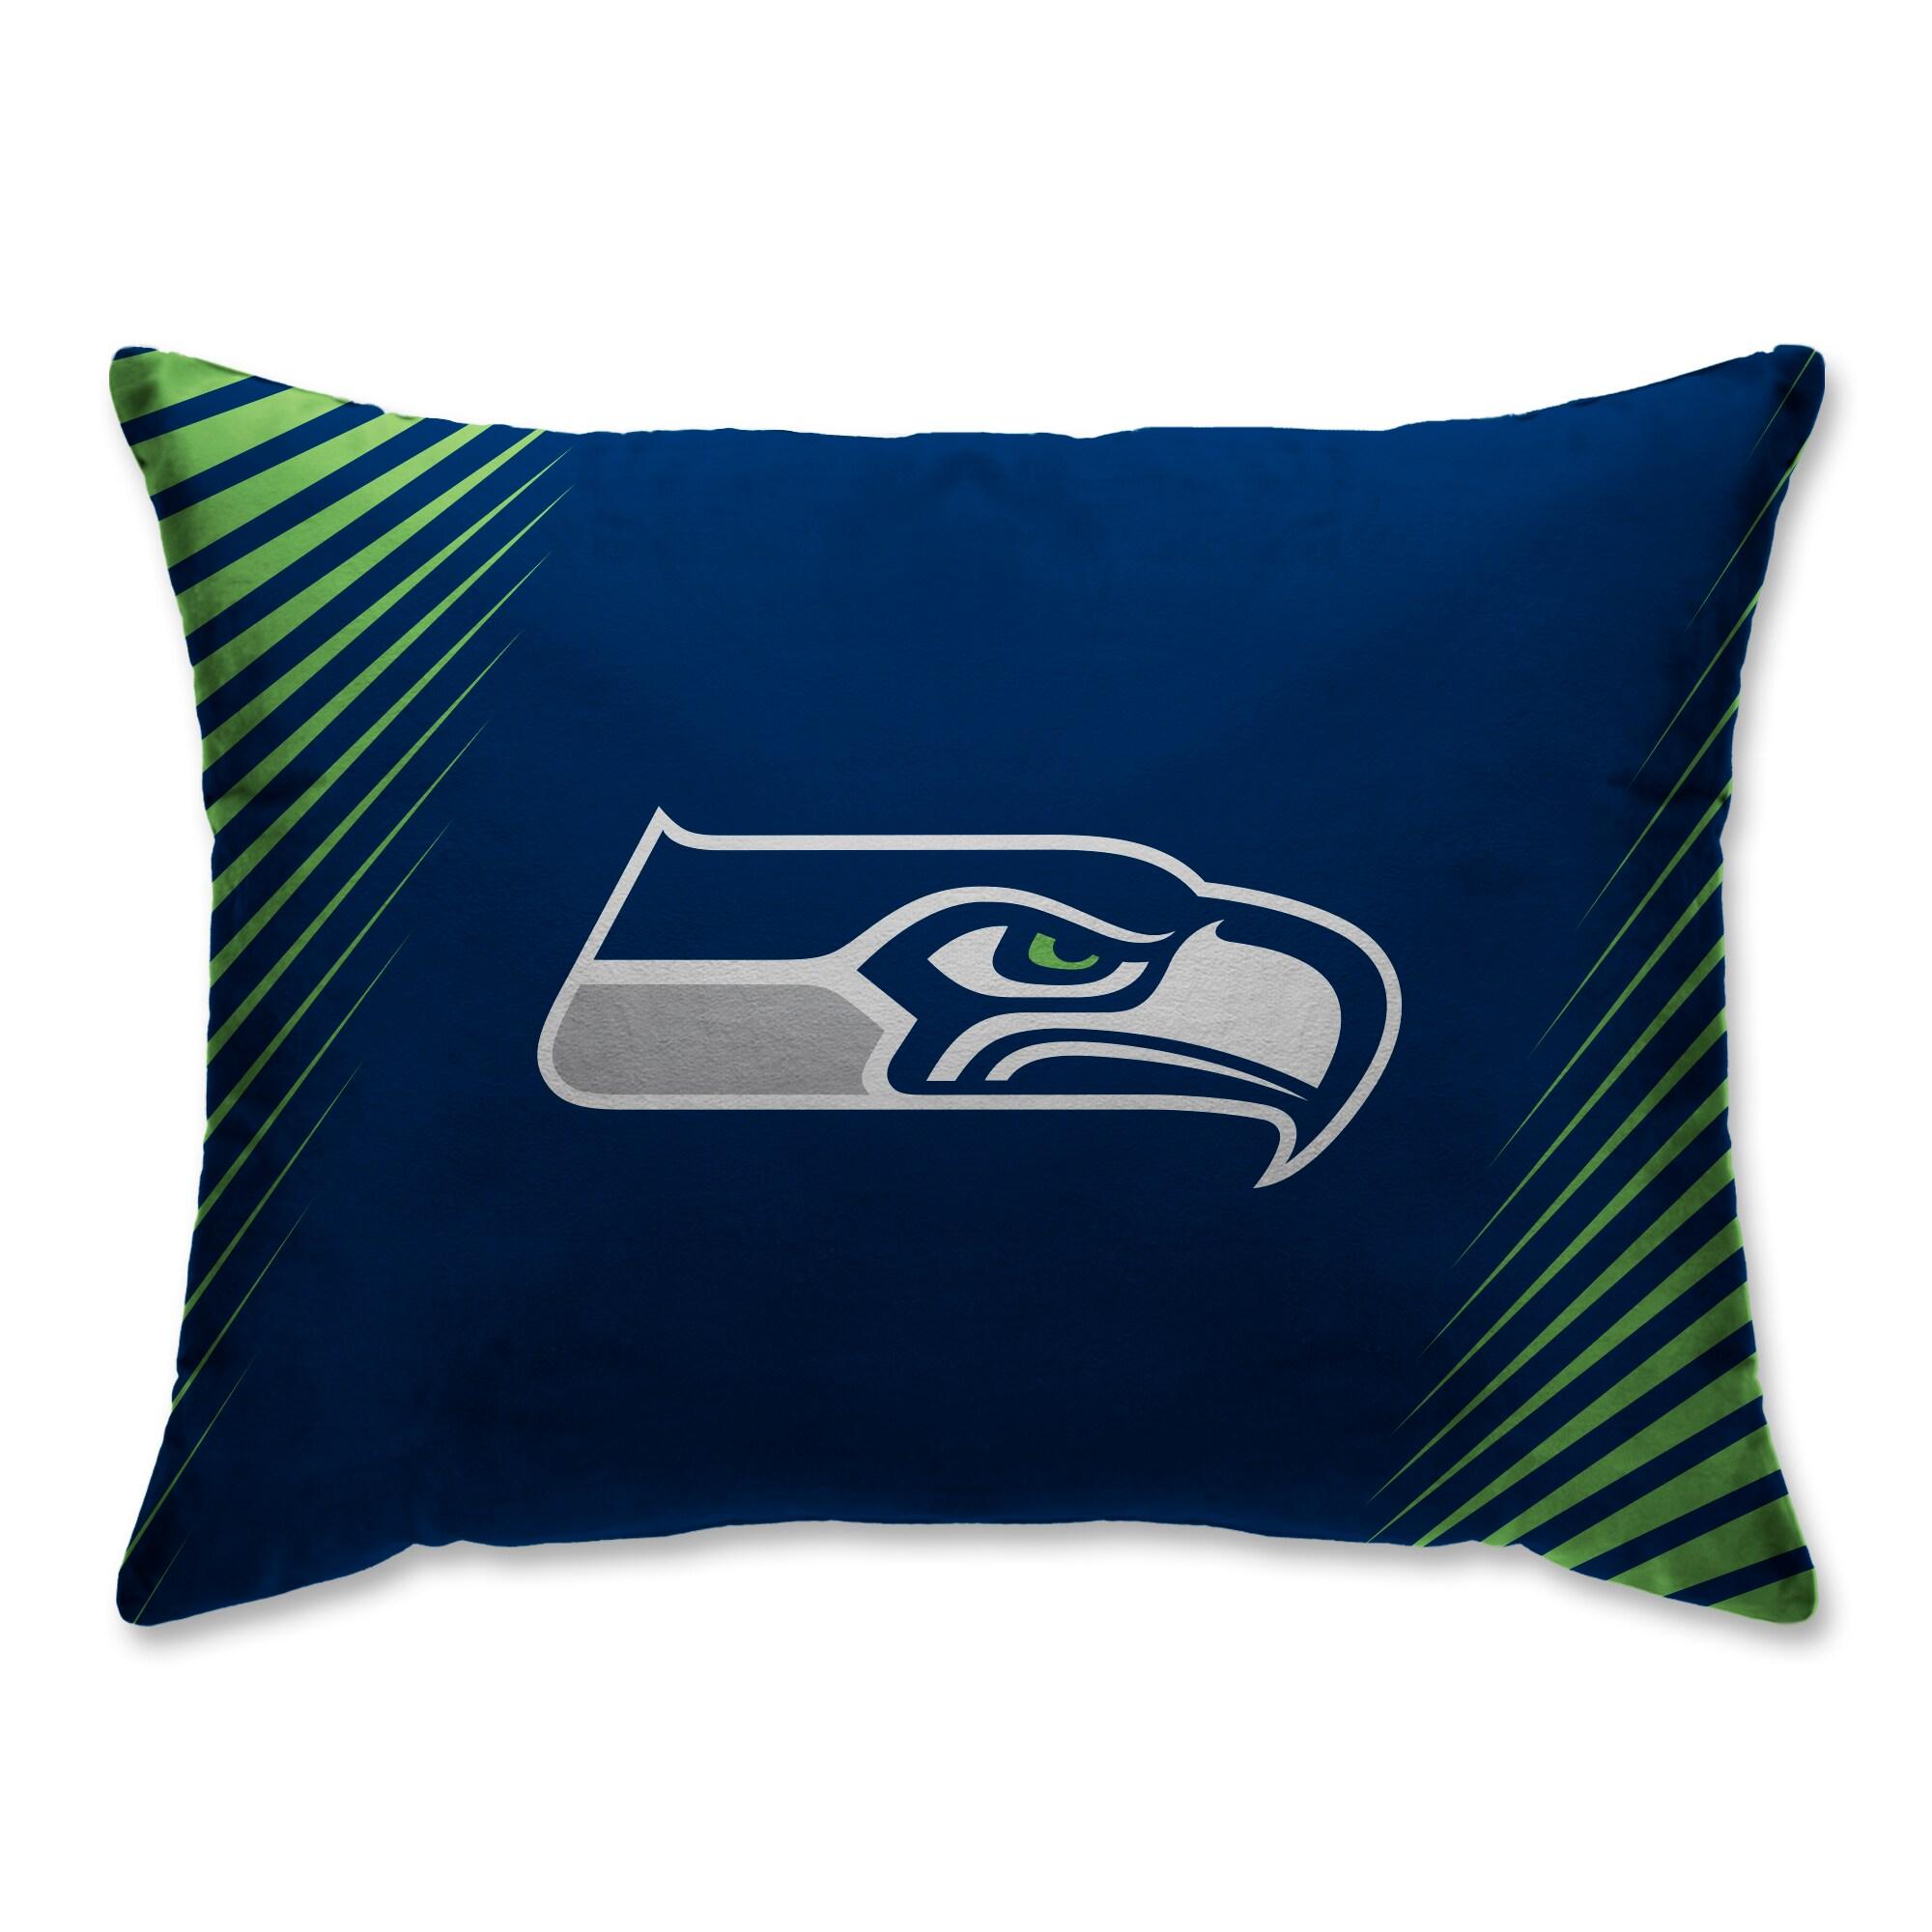 Seattle Seahawks Side Streak Plush Standard Pillow Protector - Blue